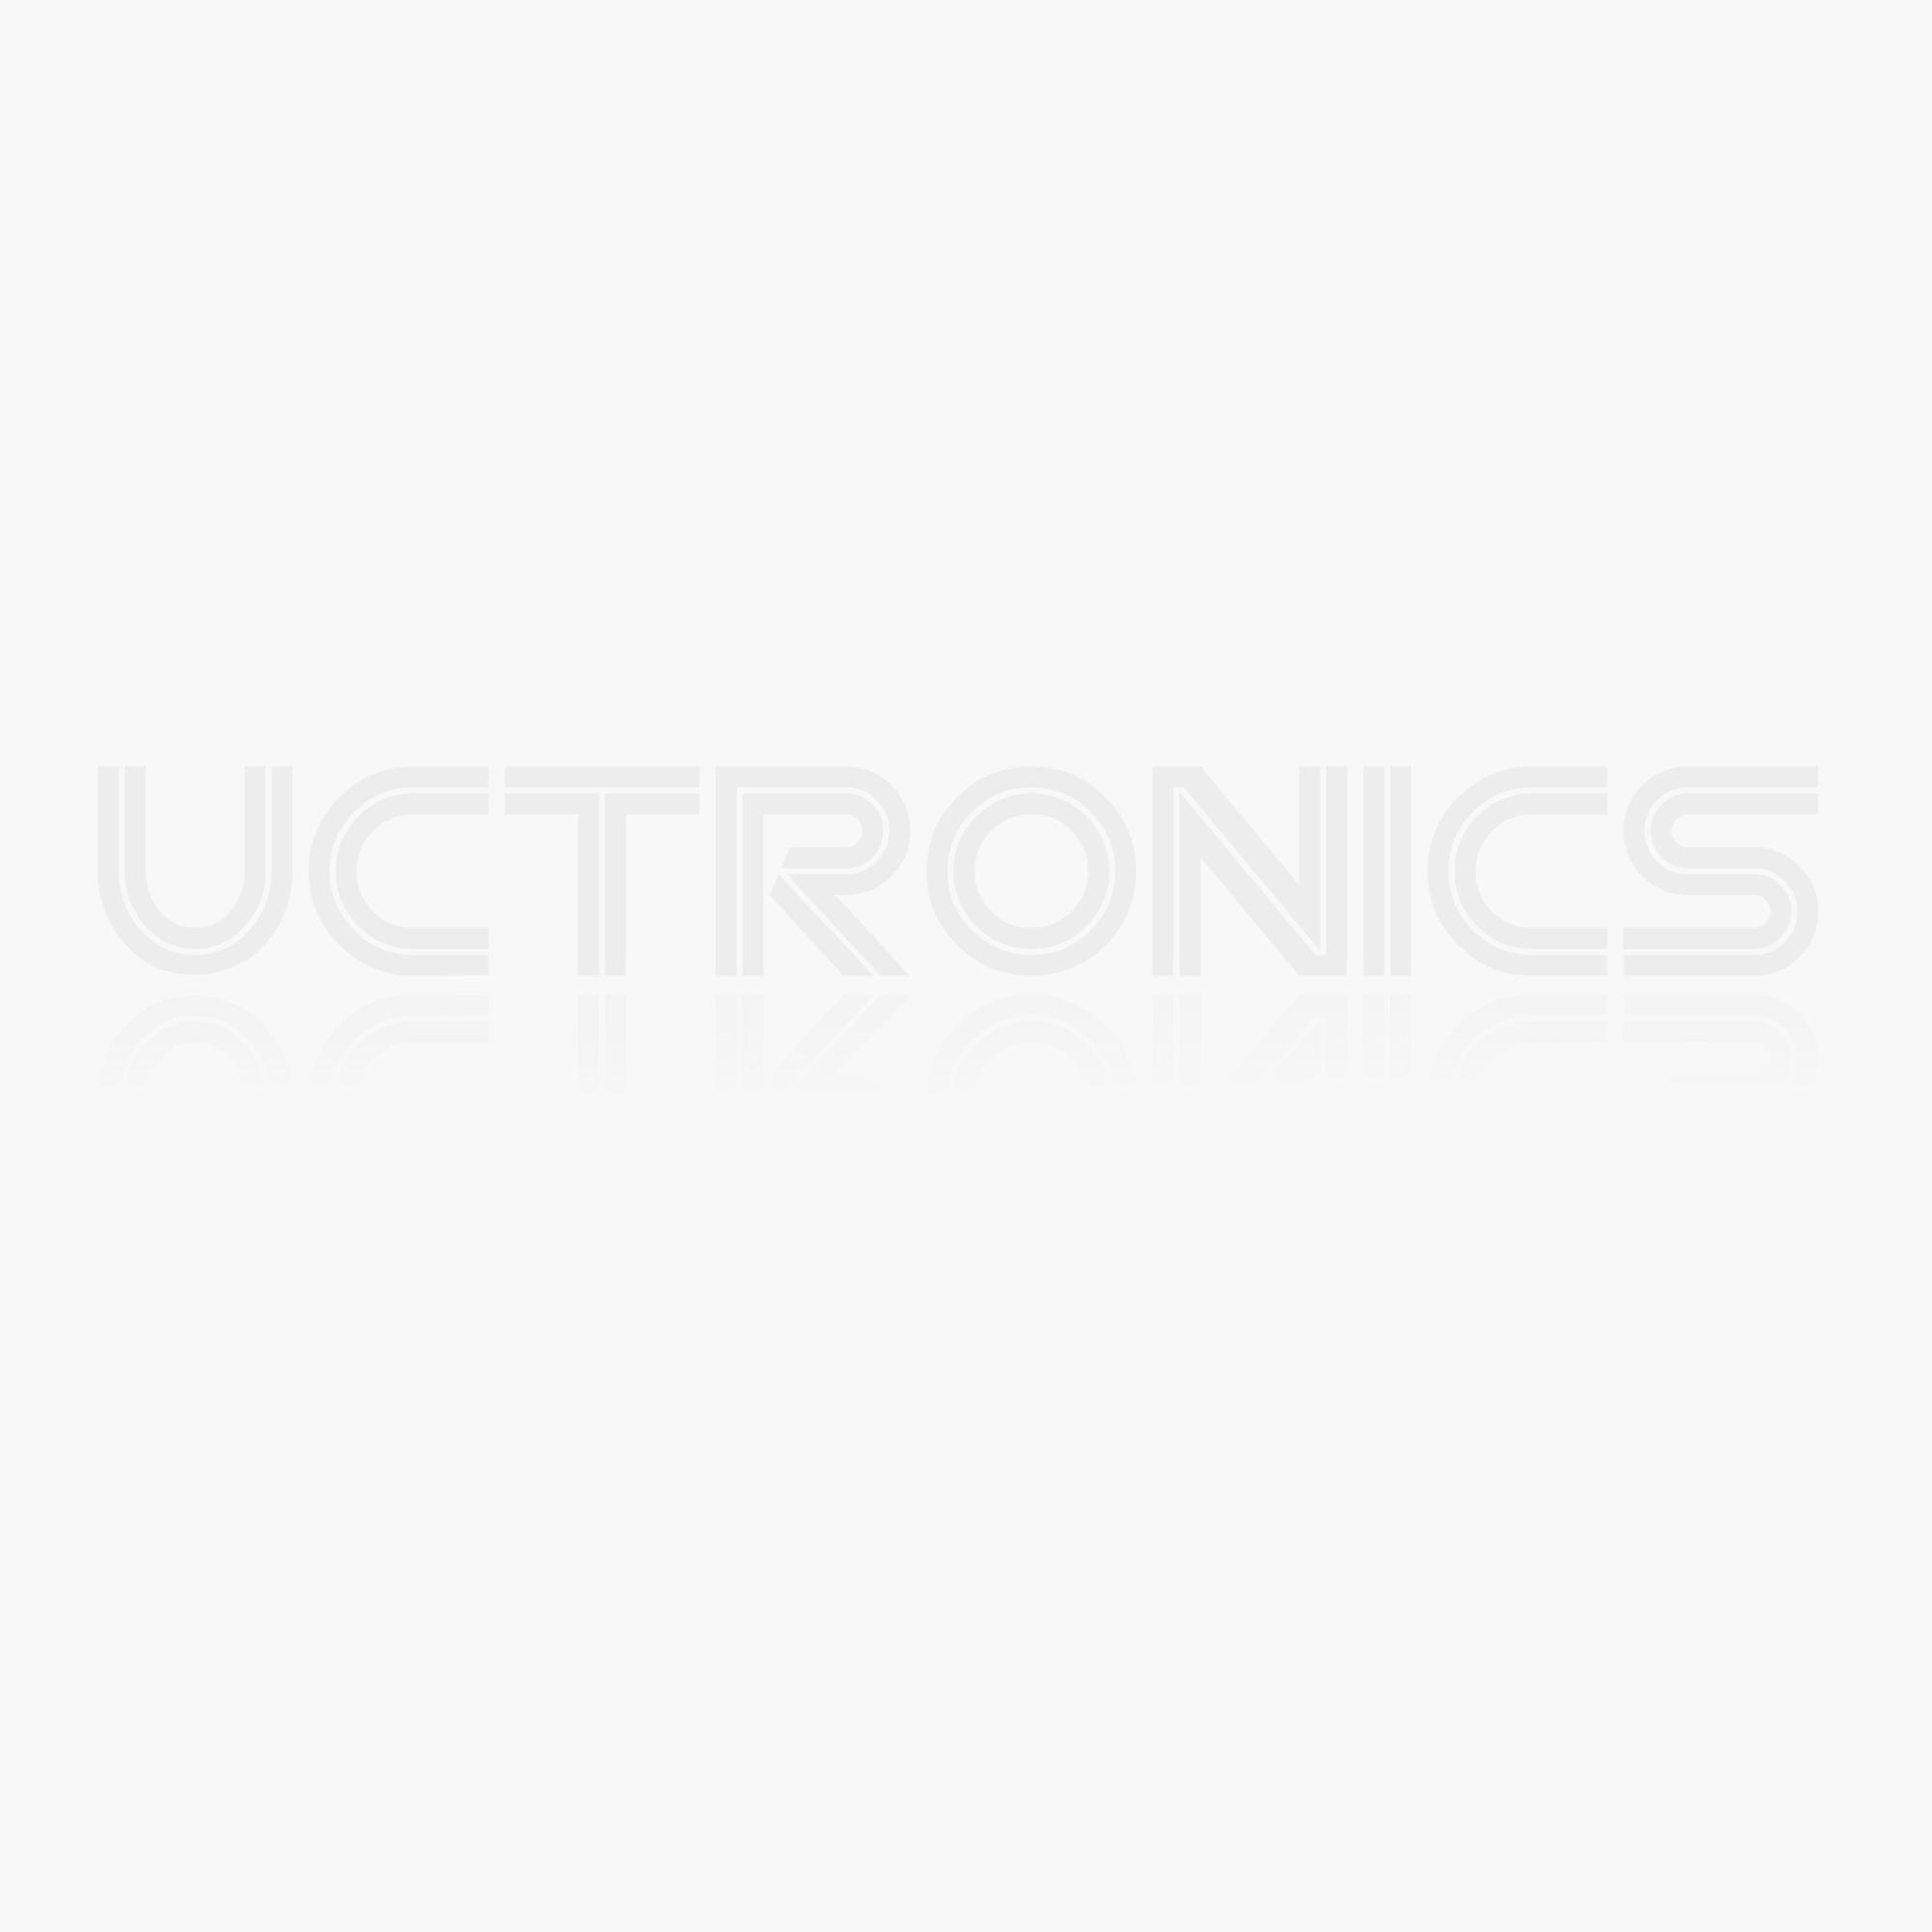 LHI778 pyroelectric infrared sensor